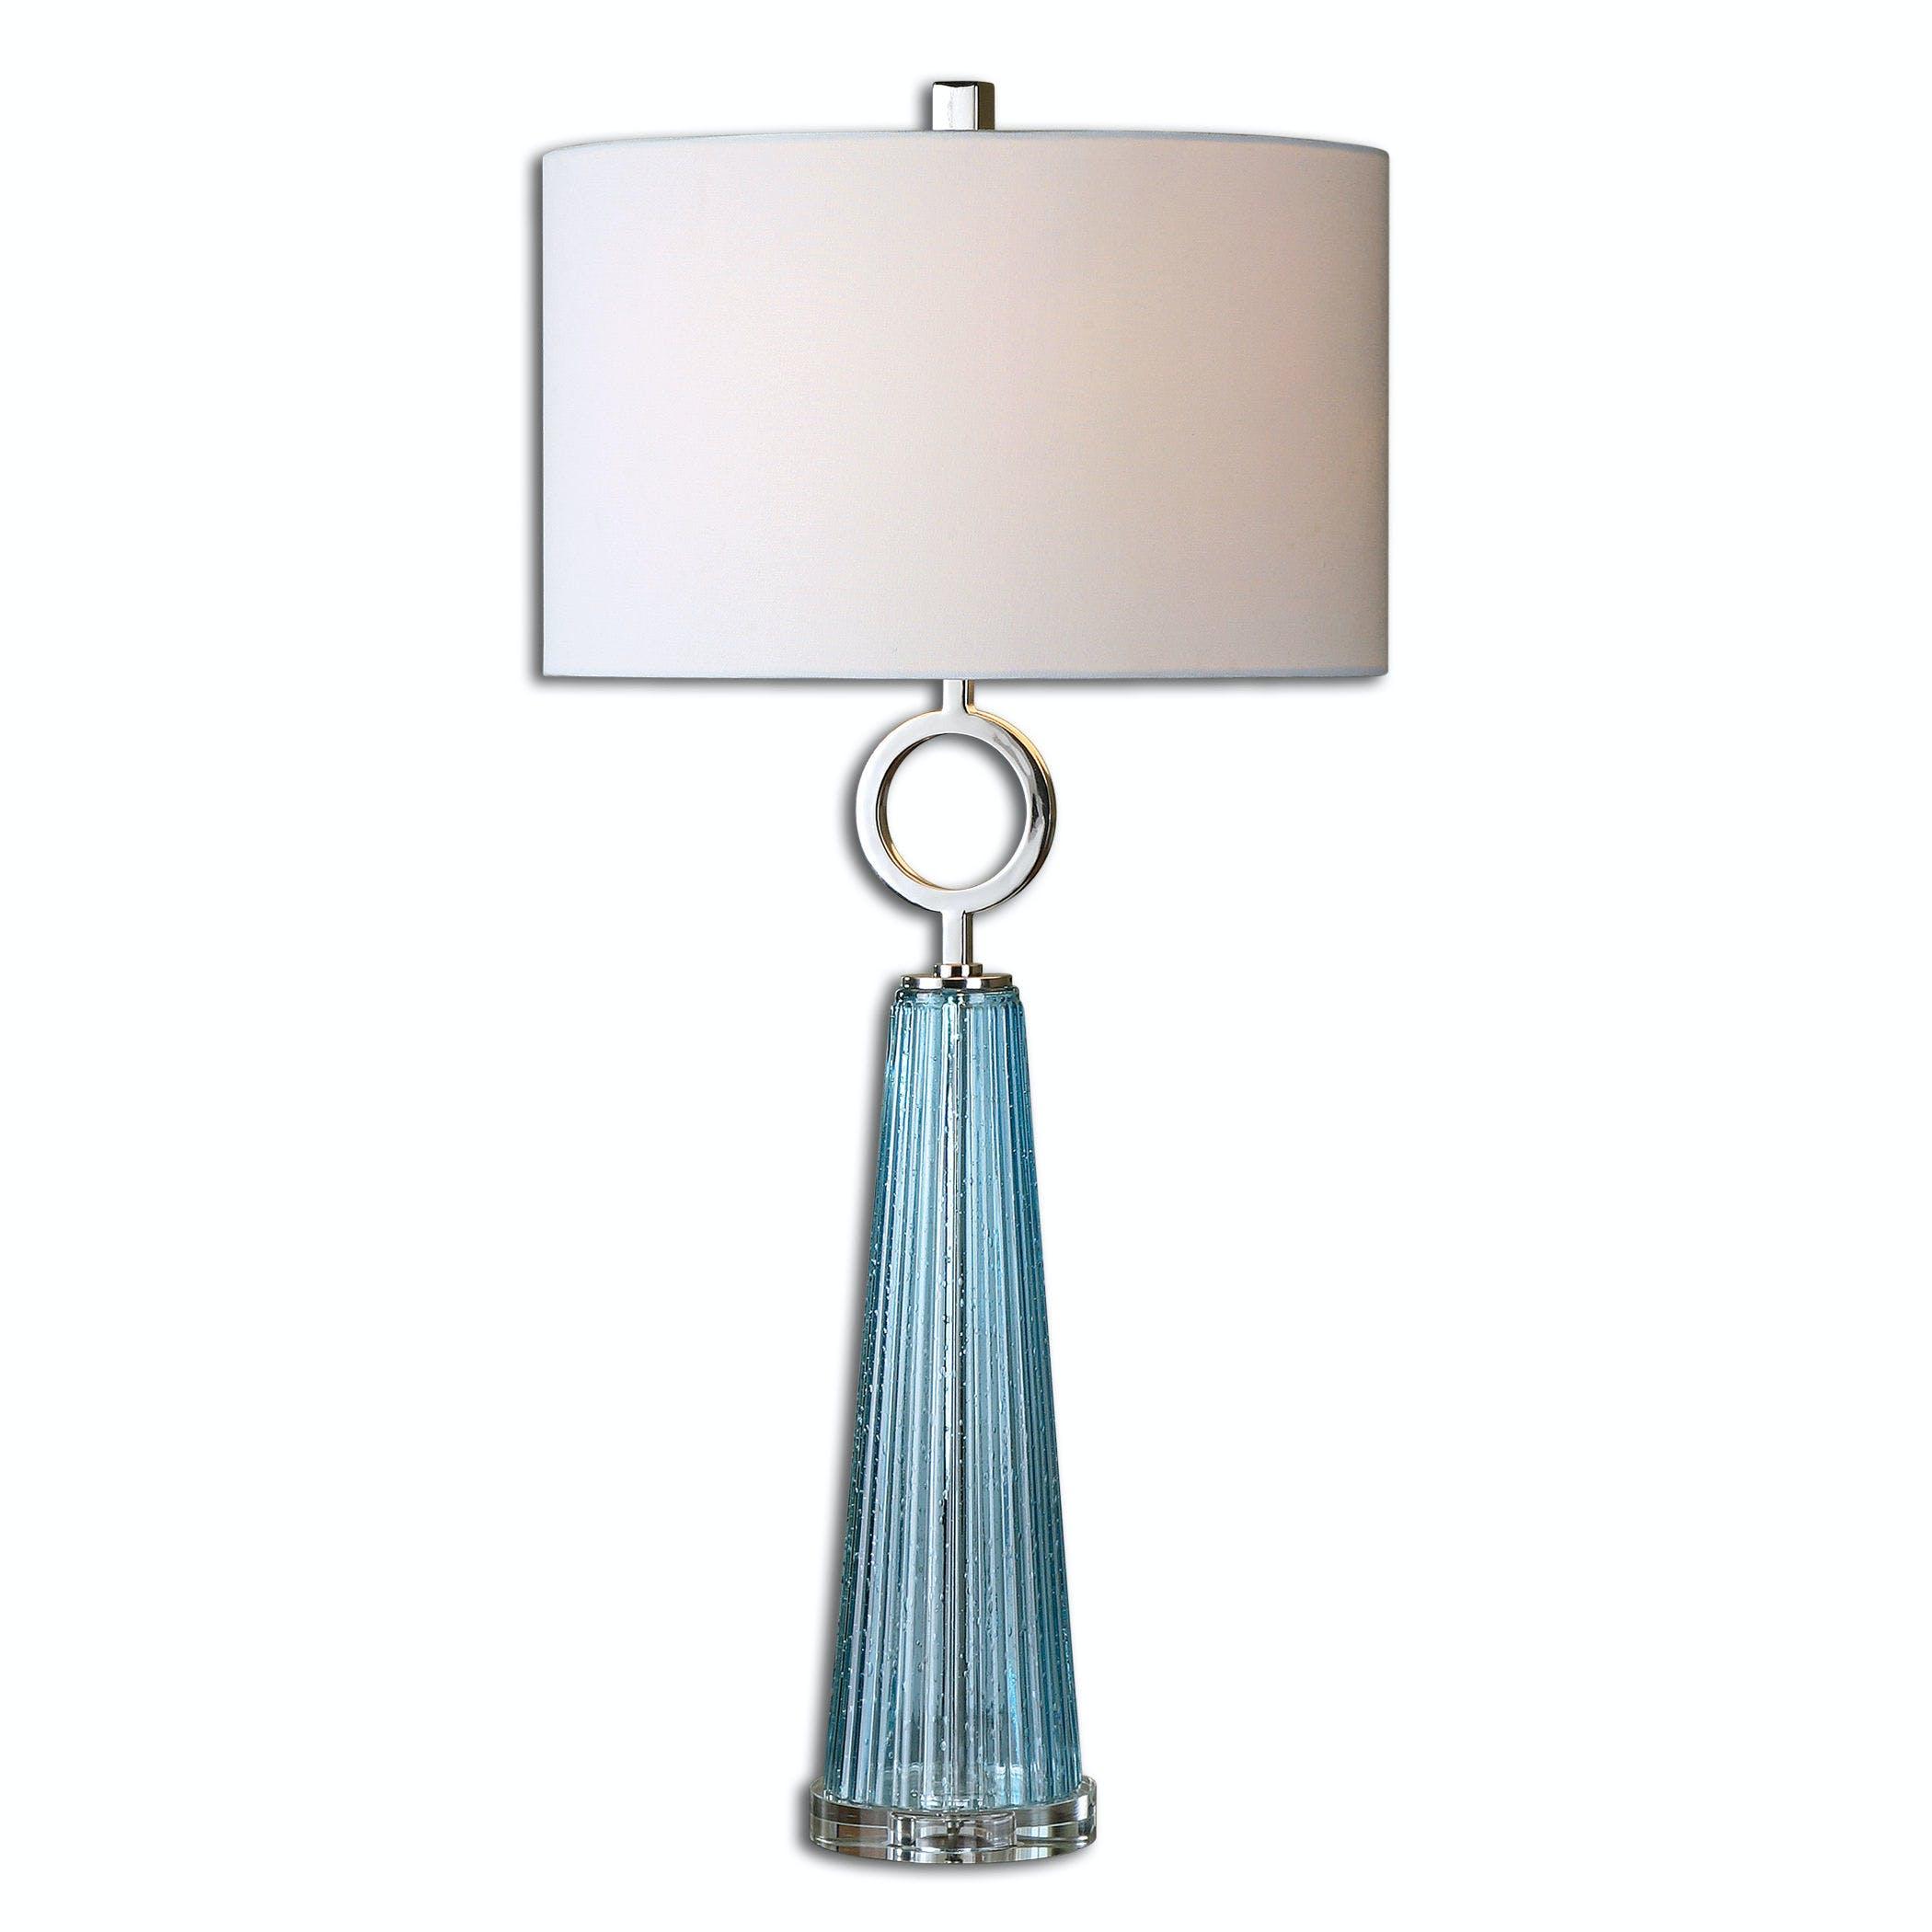 Navier Blue Glass Table Lamp Ut276981